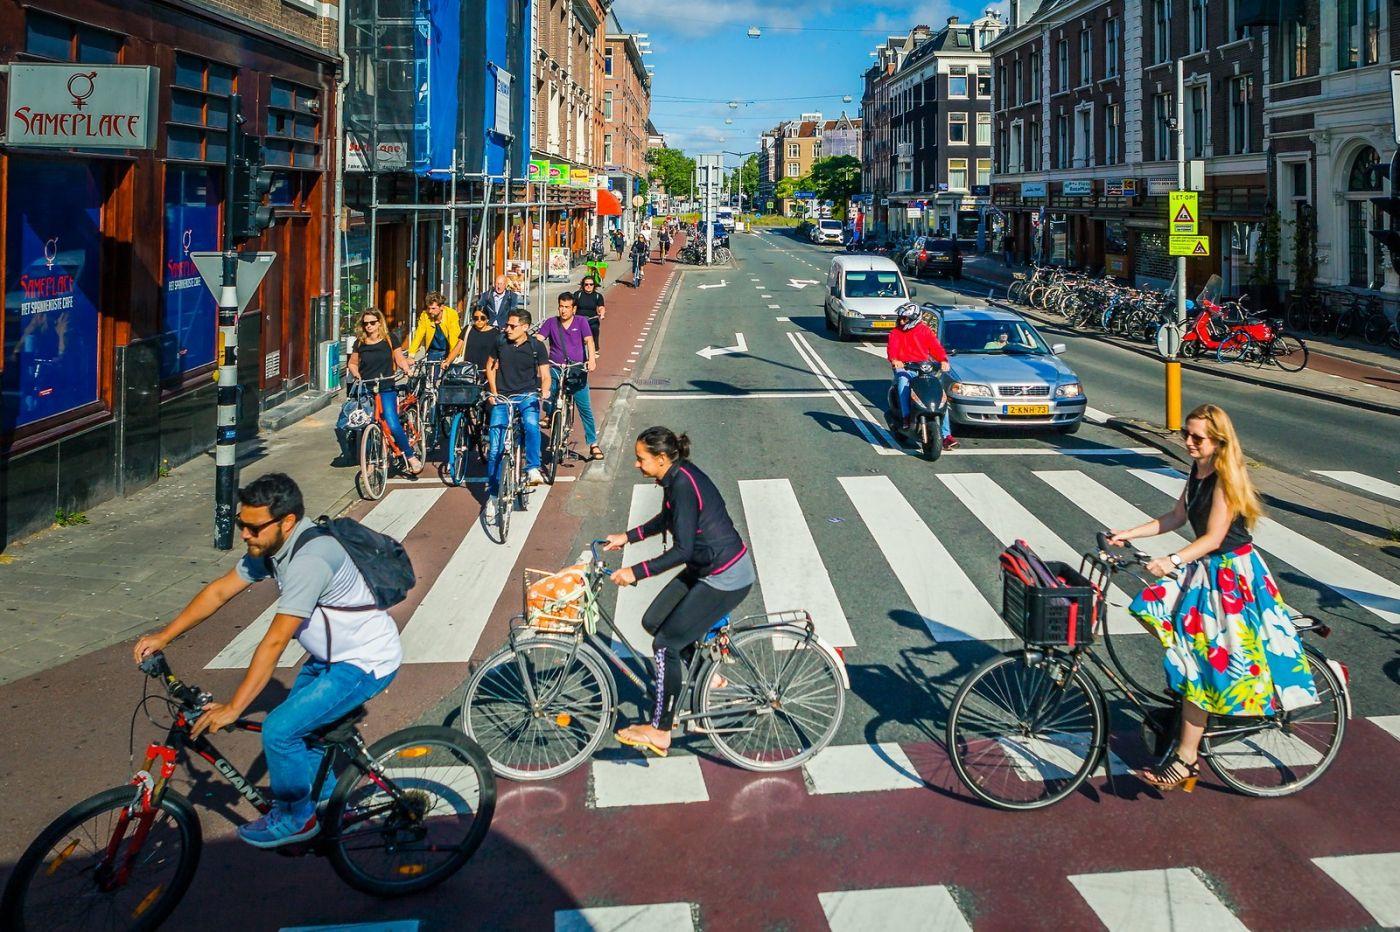 荷兰阿姆斯特丹,穿梭的自行车_图1-8